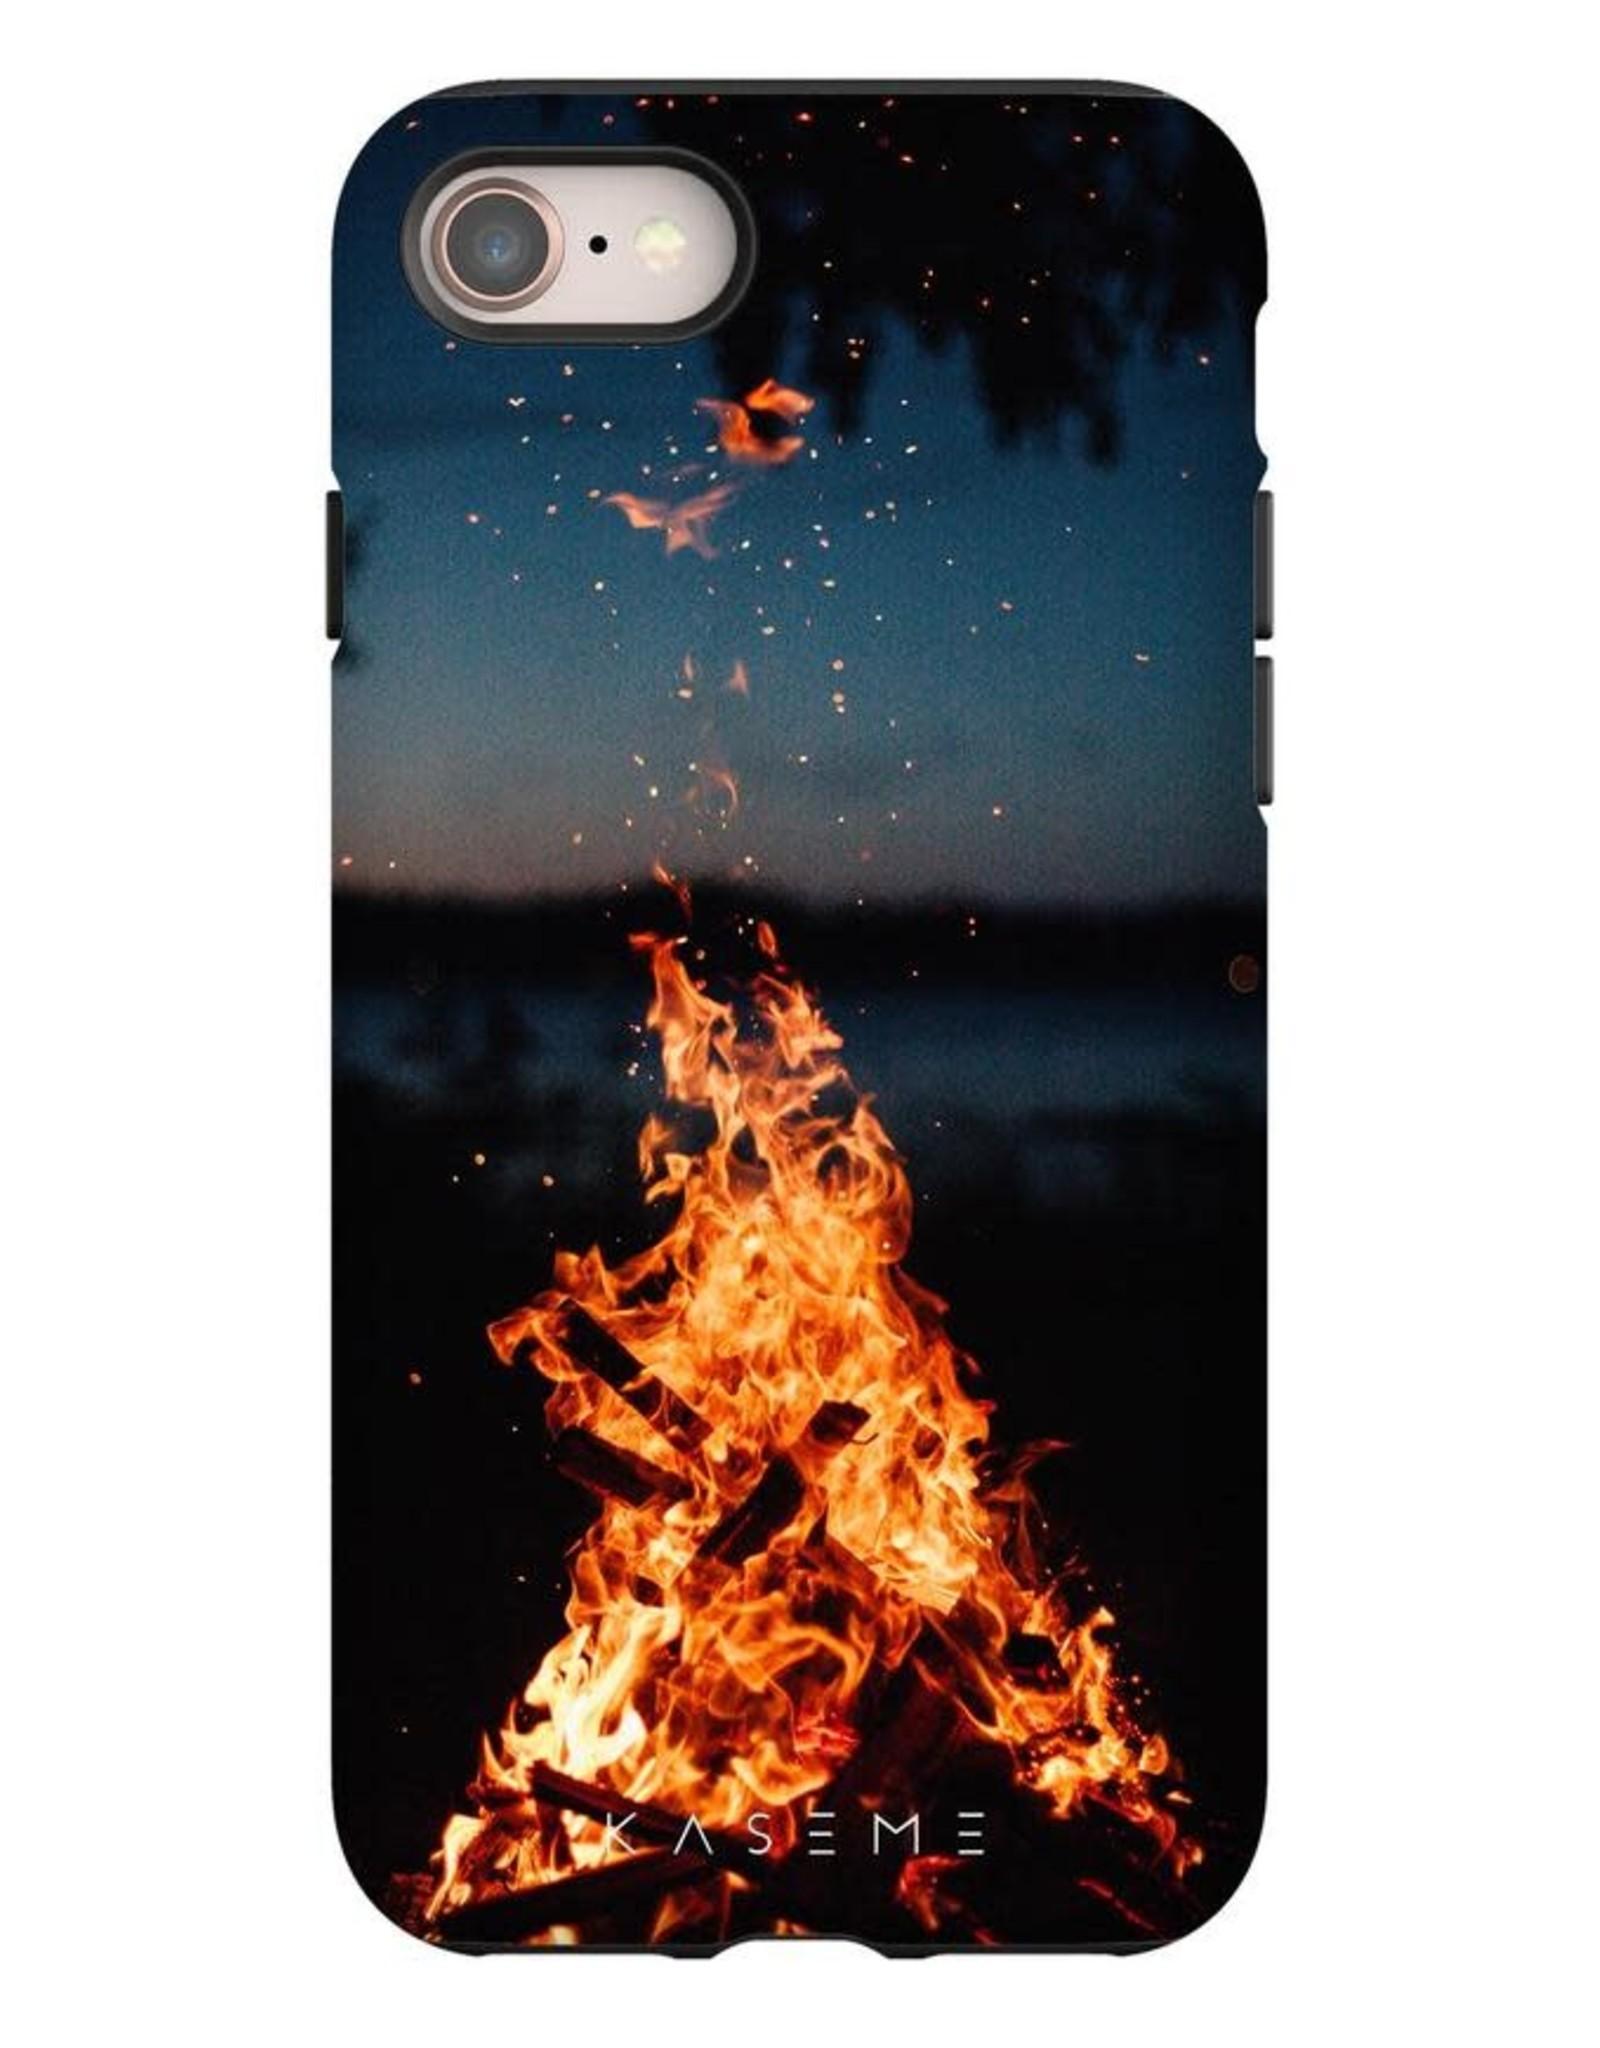 Kaseme Kaseme - étui cellulaire iPhone camp fire